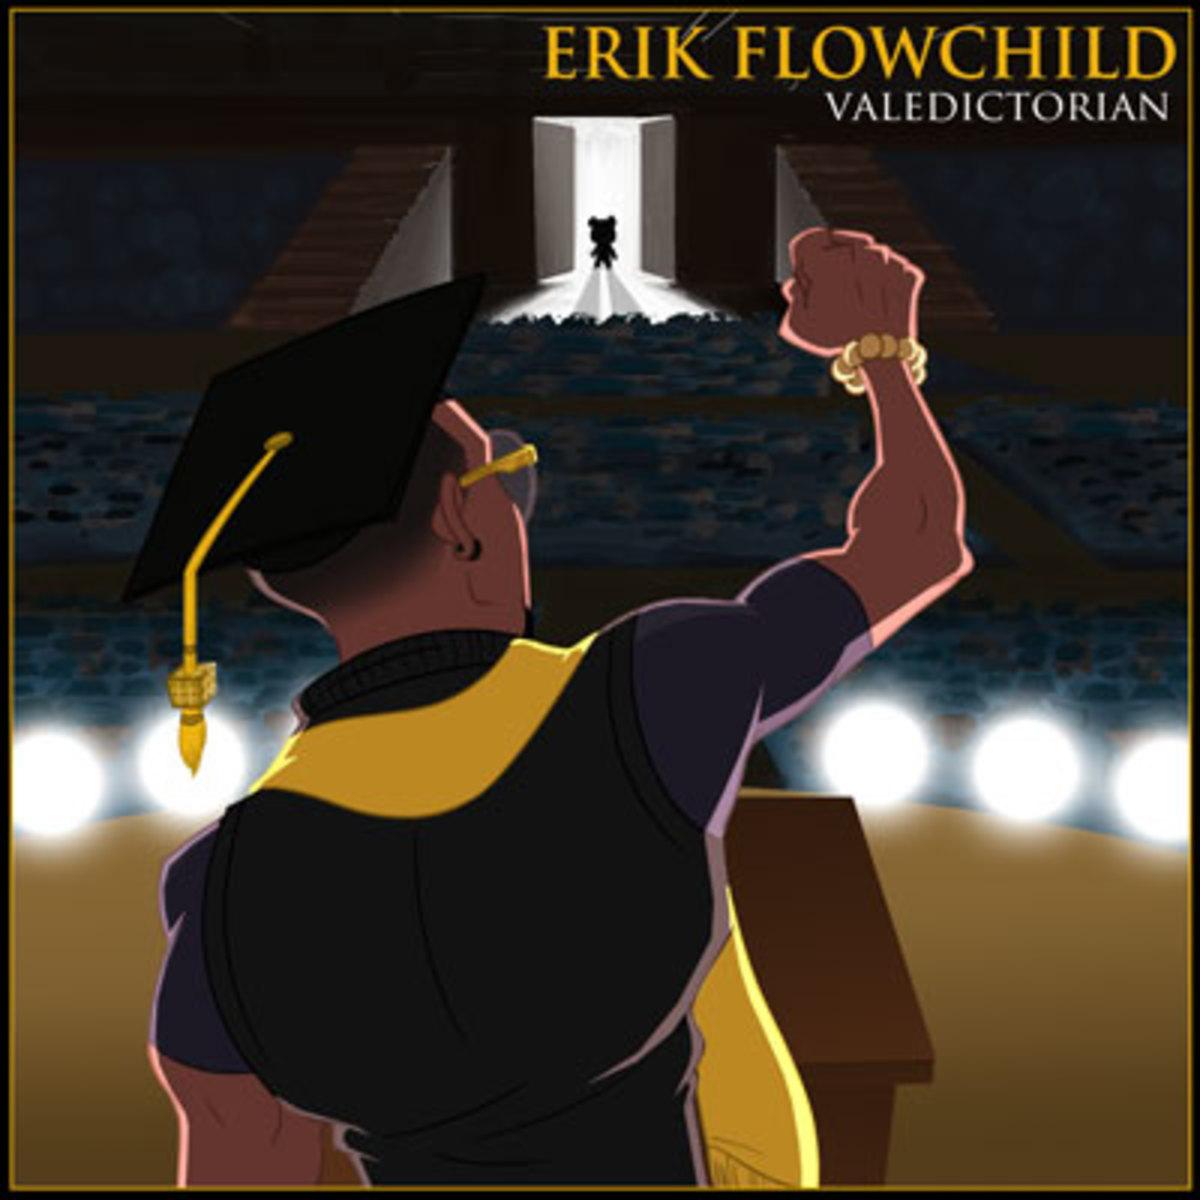 erikflow-valedictorian.jpg